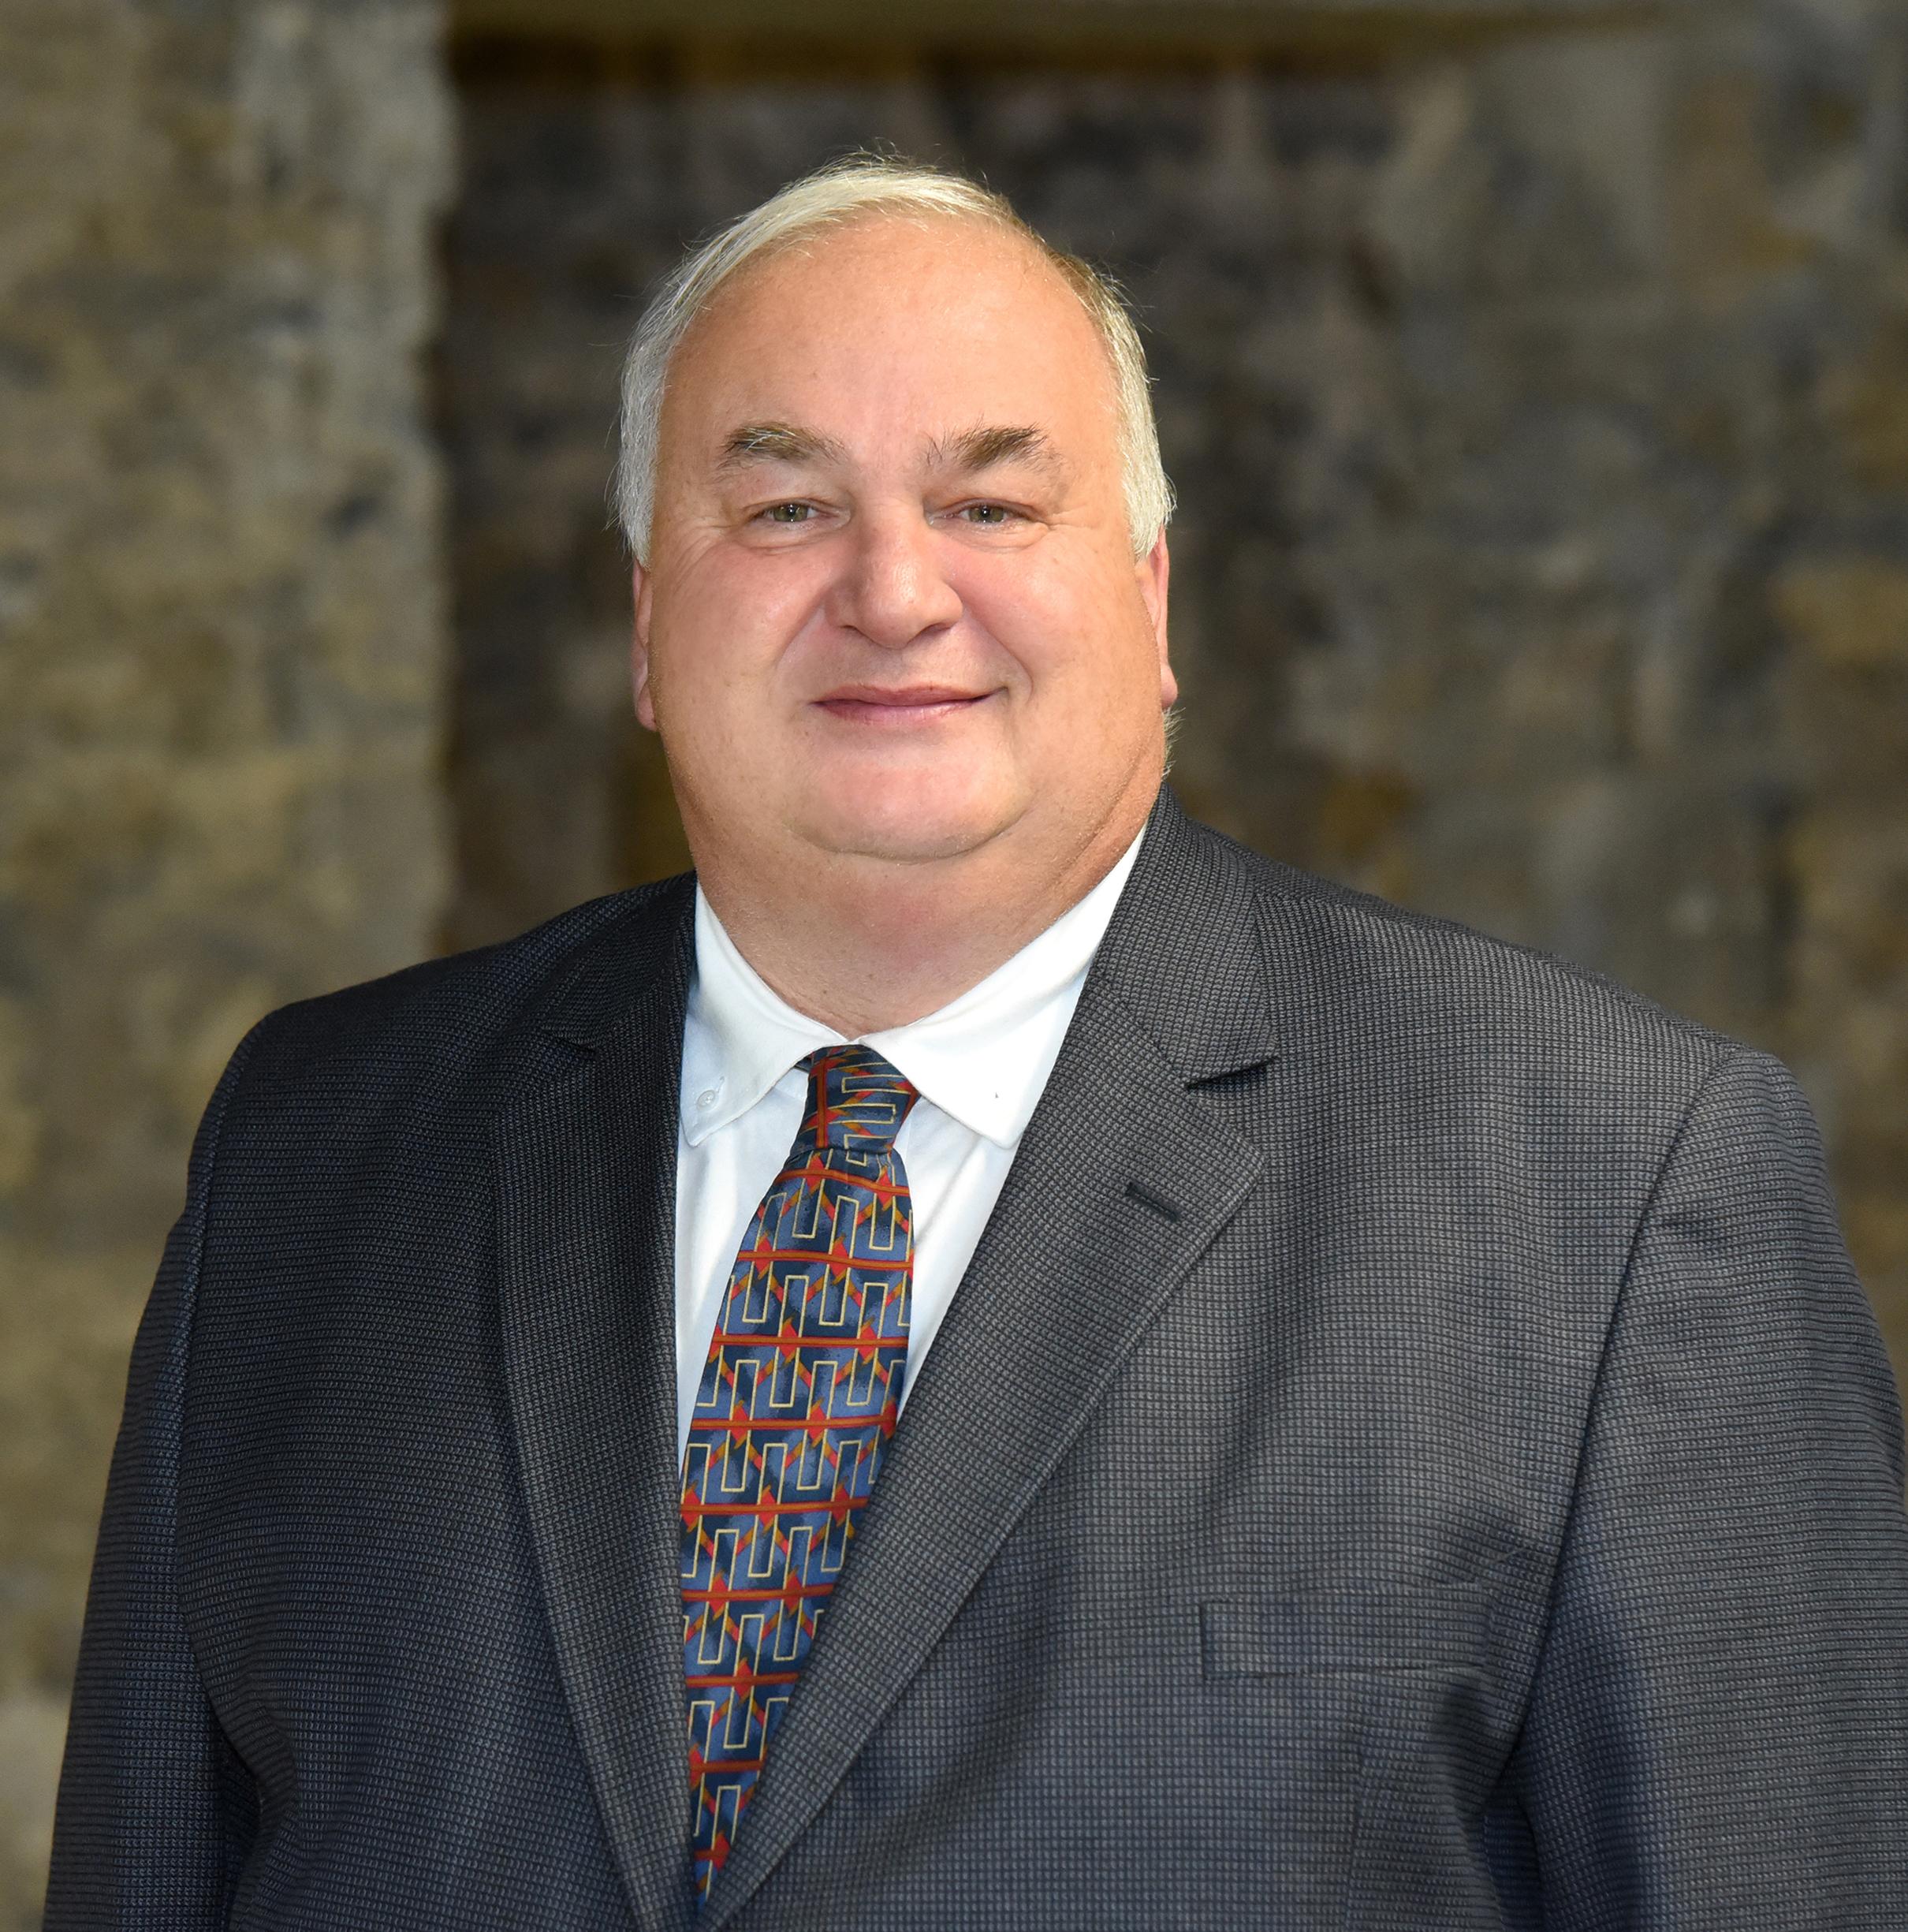 John Delia